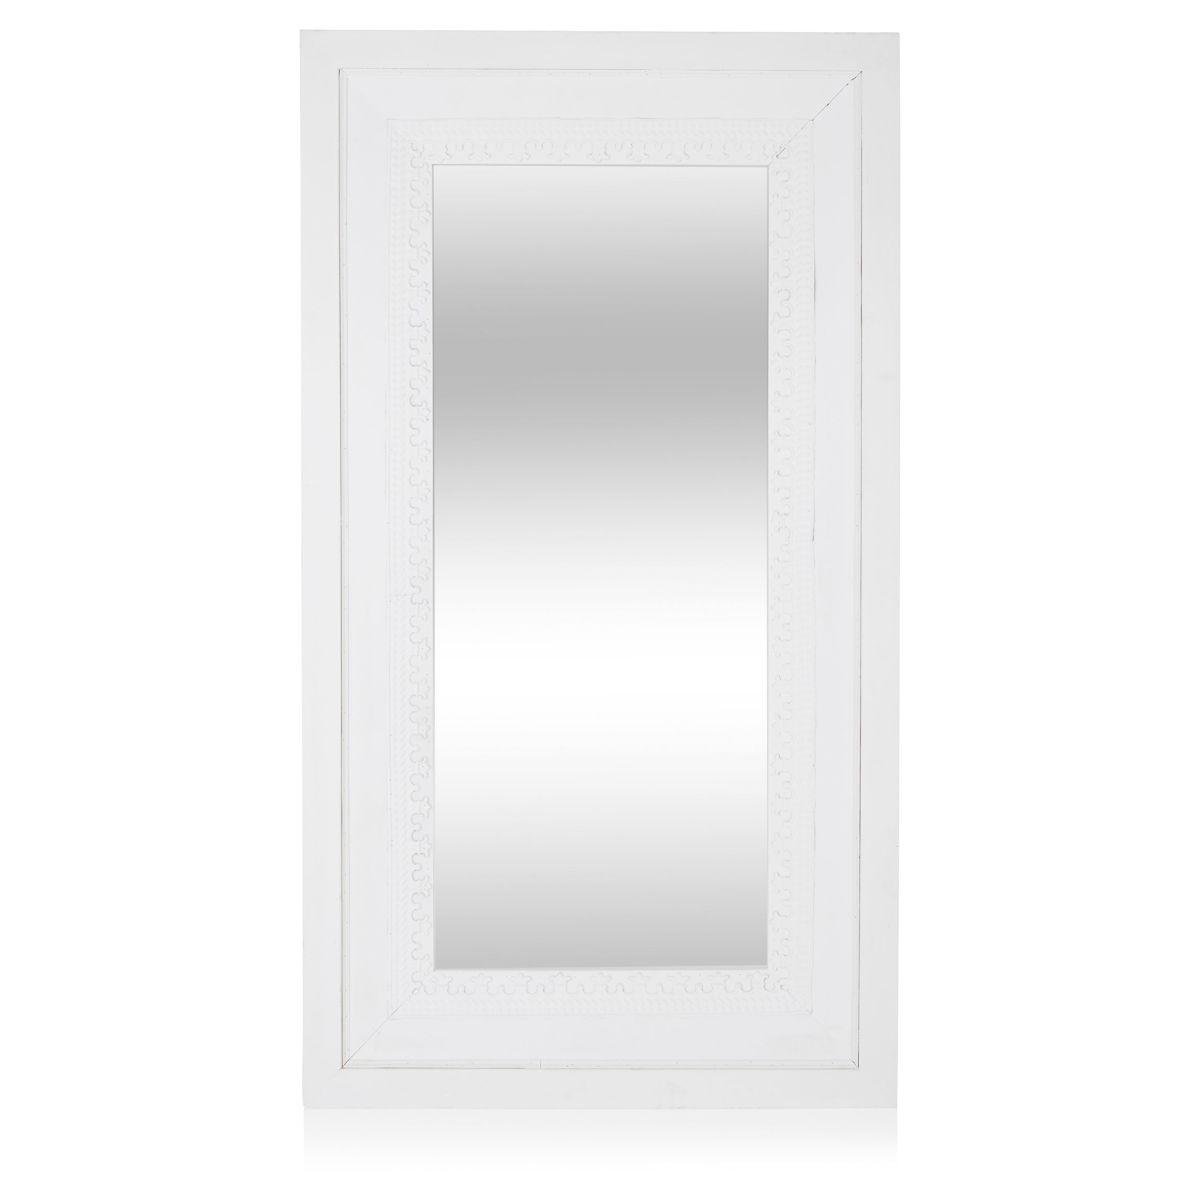 Produkte aus Spiegel|Impressionen|Meine Wunschliste